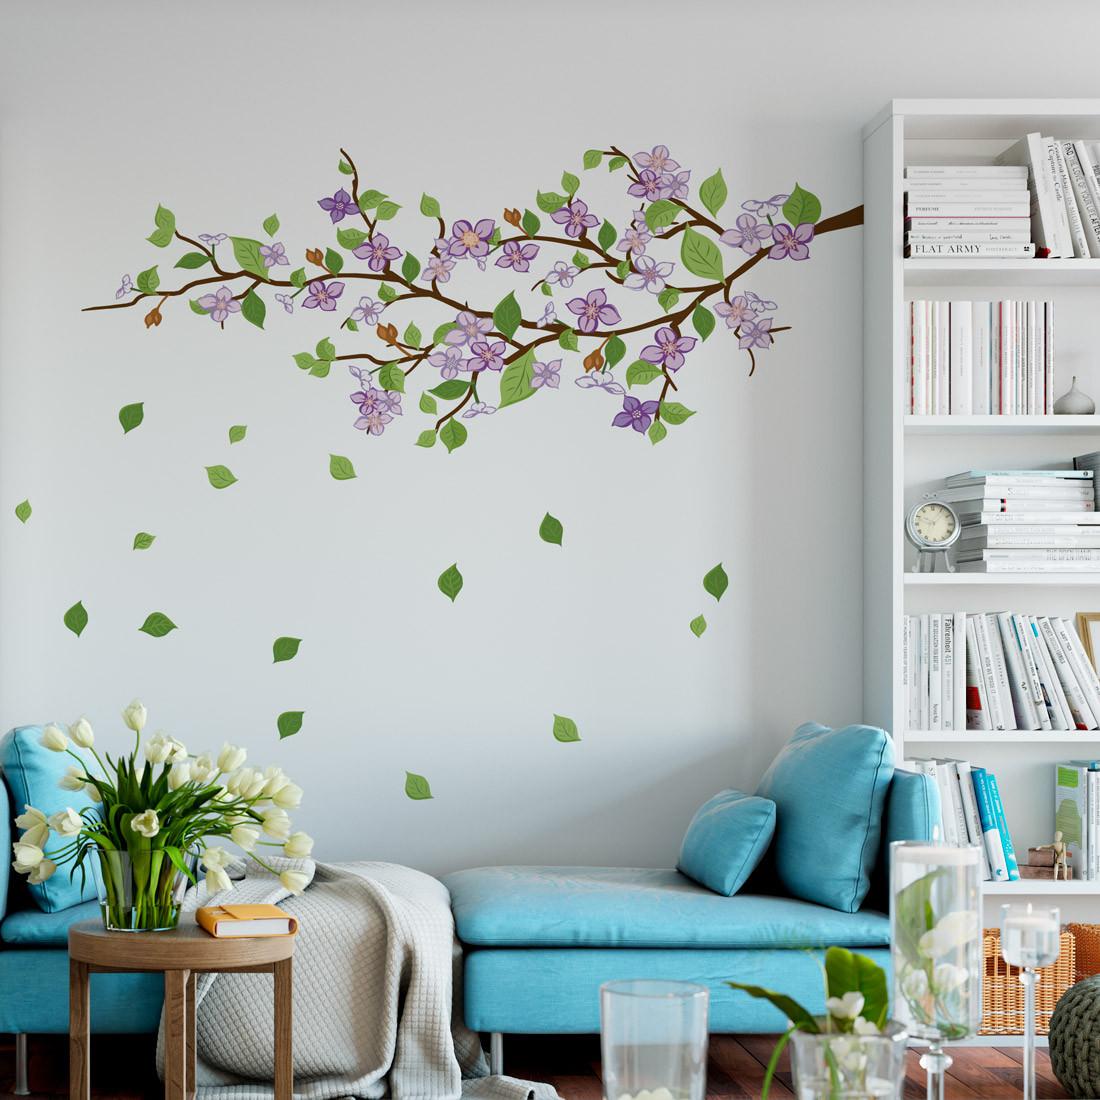 Adesivo de Parede Decorativo Galho Floral Lilas